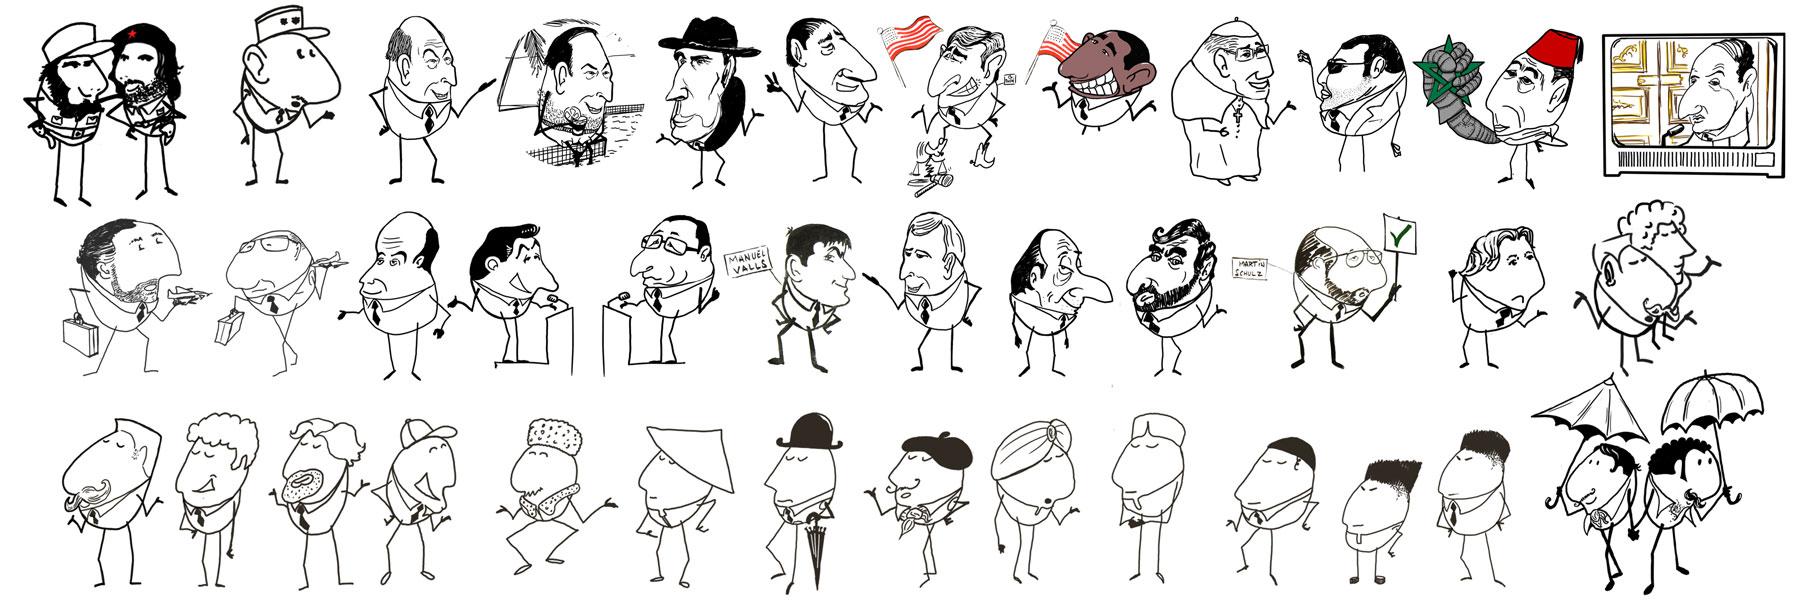 """création d'une animation hebdomadaire pour le web site du programme """"Expliquez-nous"""" de France info"""